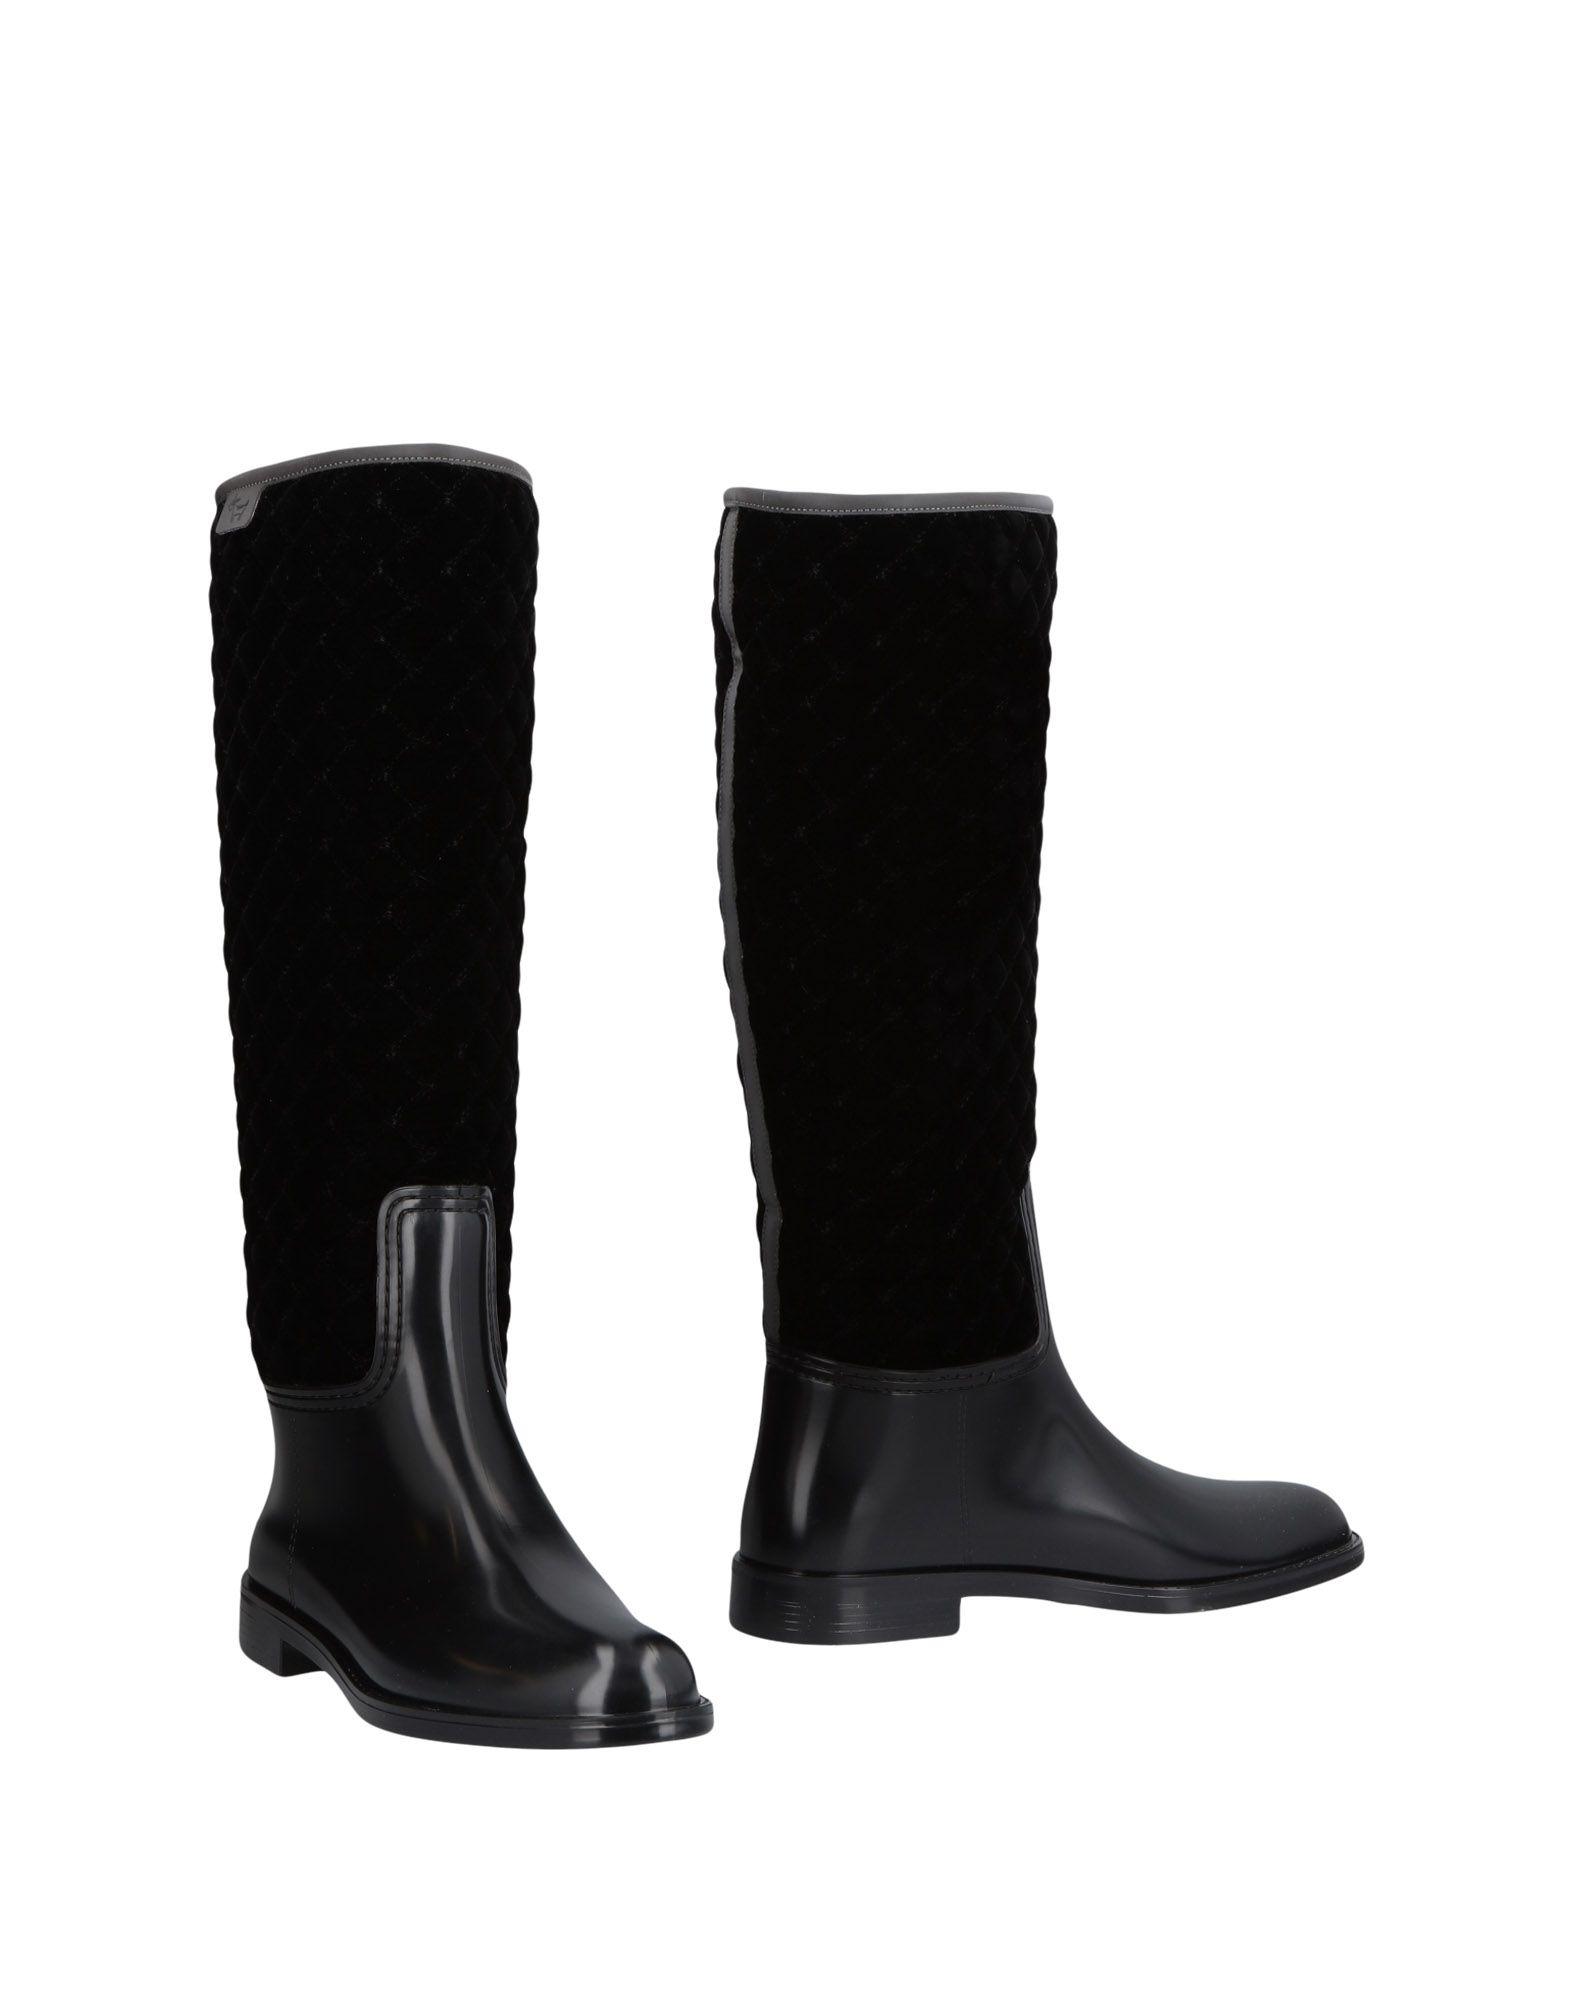 L' L' L' Autre Chose Stiefel Damen Gutes Preis-Leistungs-Verhältnis, es lohnt sich 8fc0f9